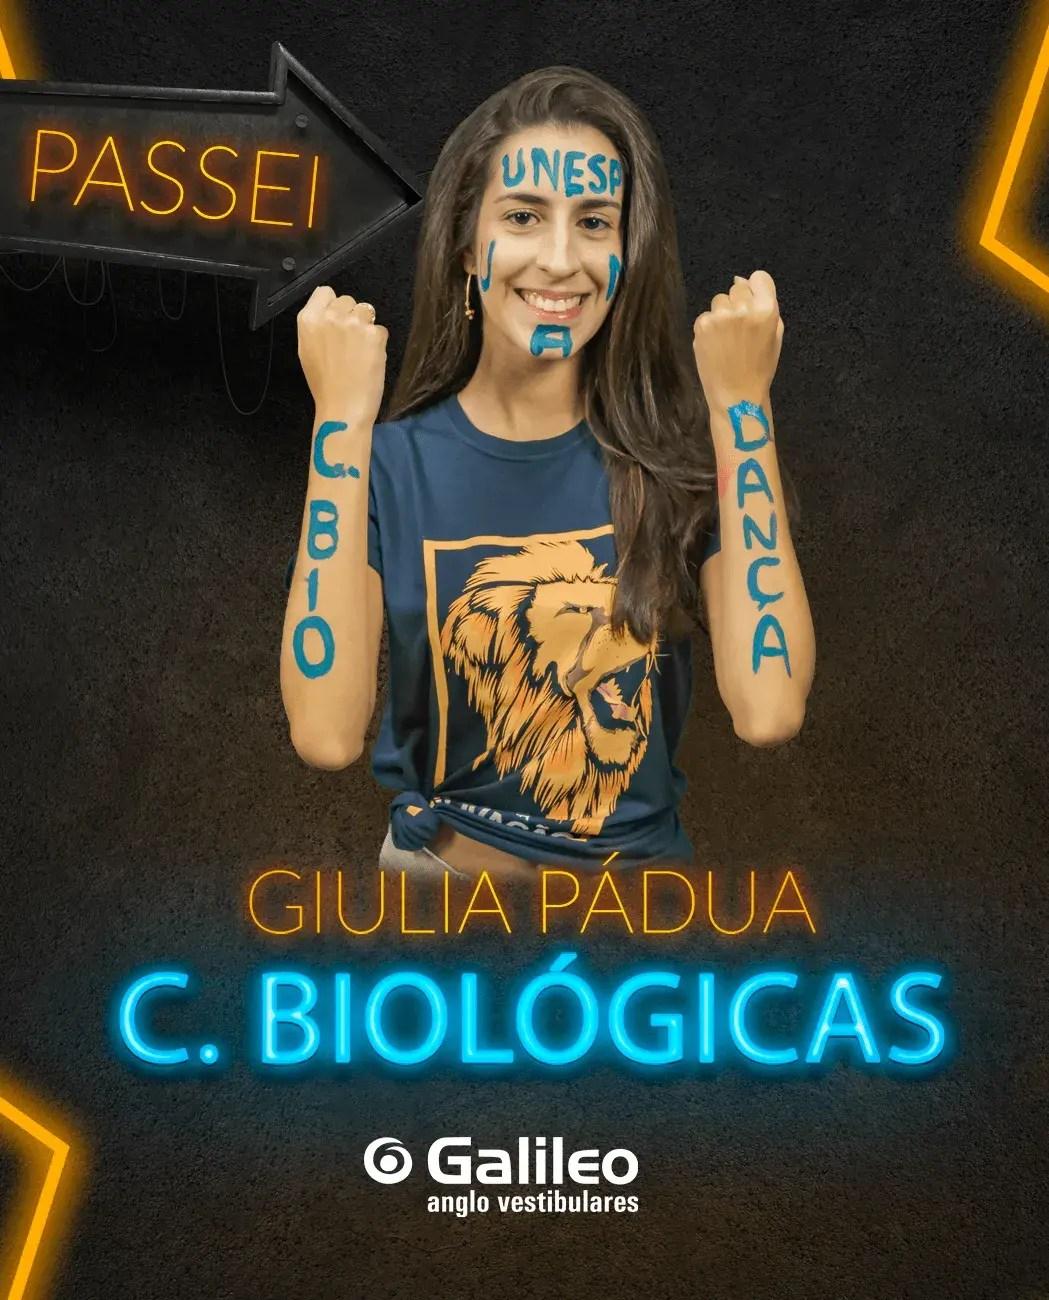 02 - Giulia Pádua - Ciências Biológicas-min